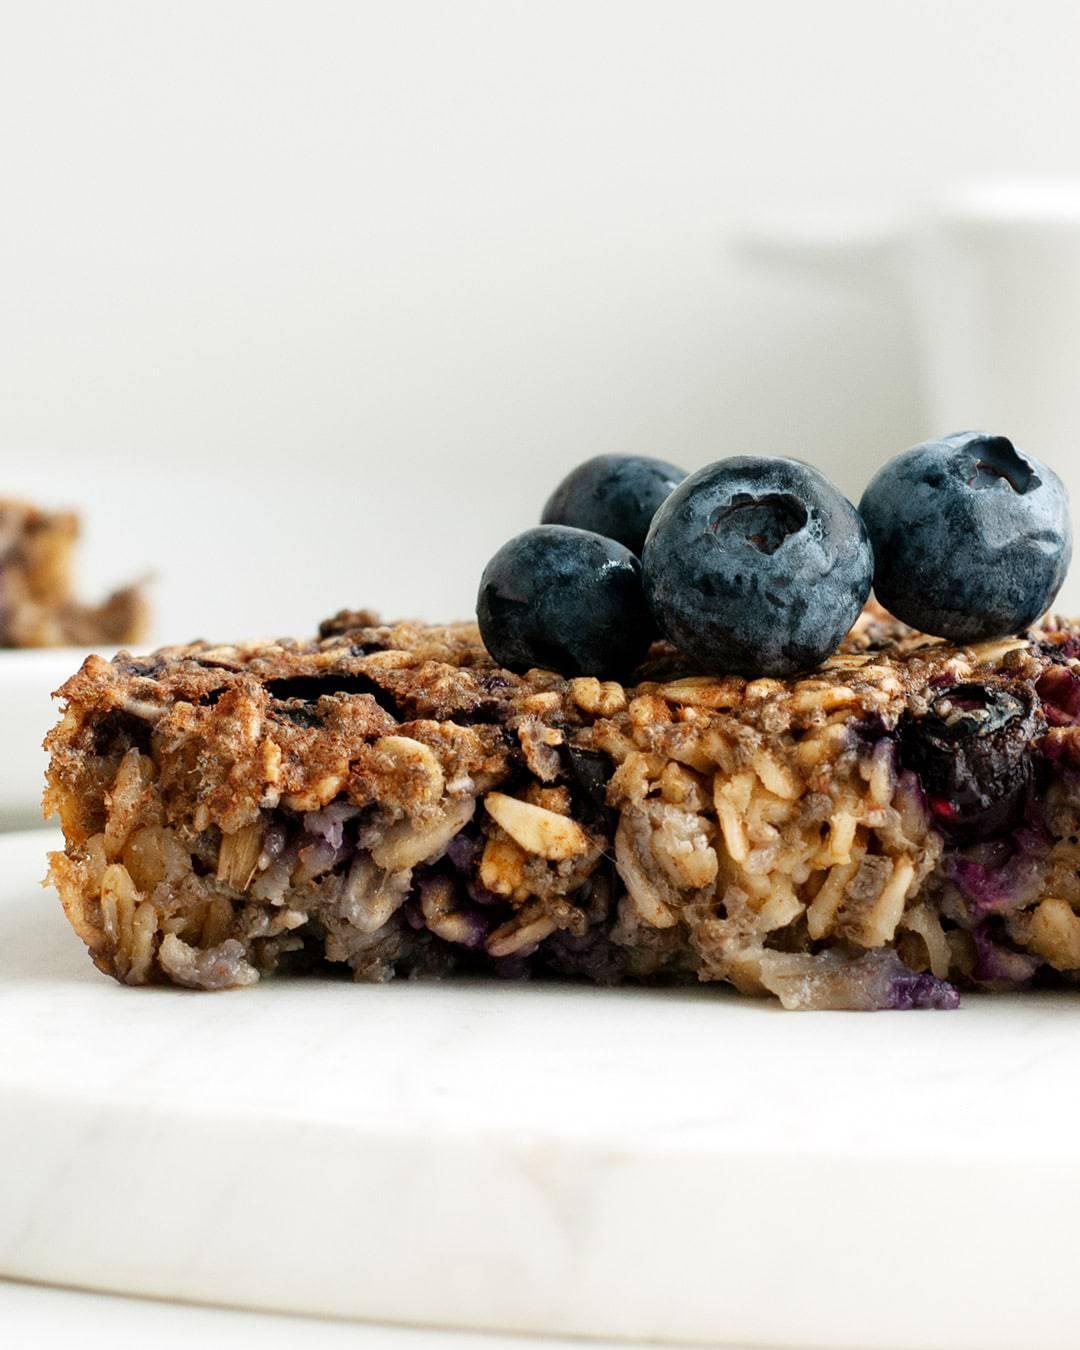 blueberry maple oat bake